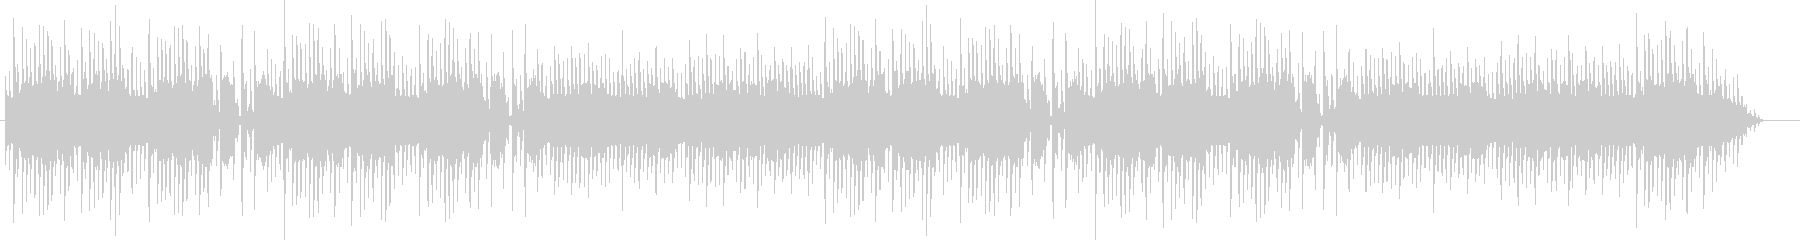 昔のアーケードゲーム風のブギウギ調ループの未再生の波形